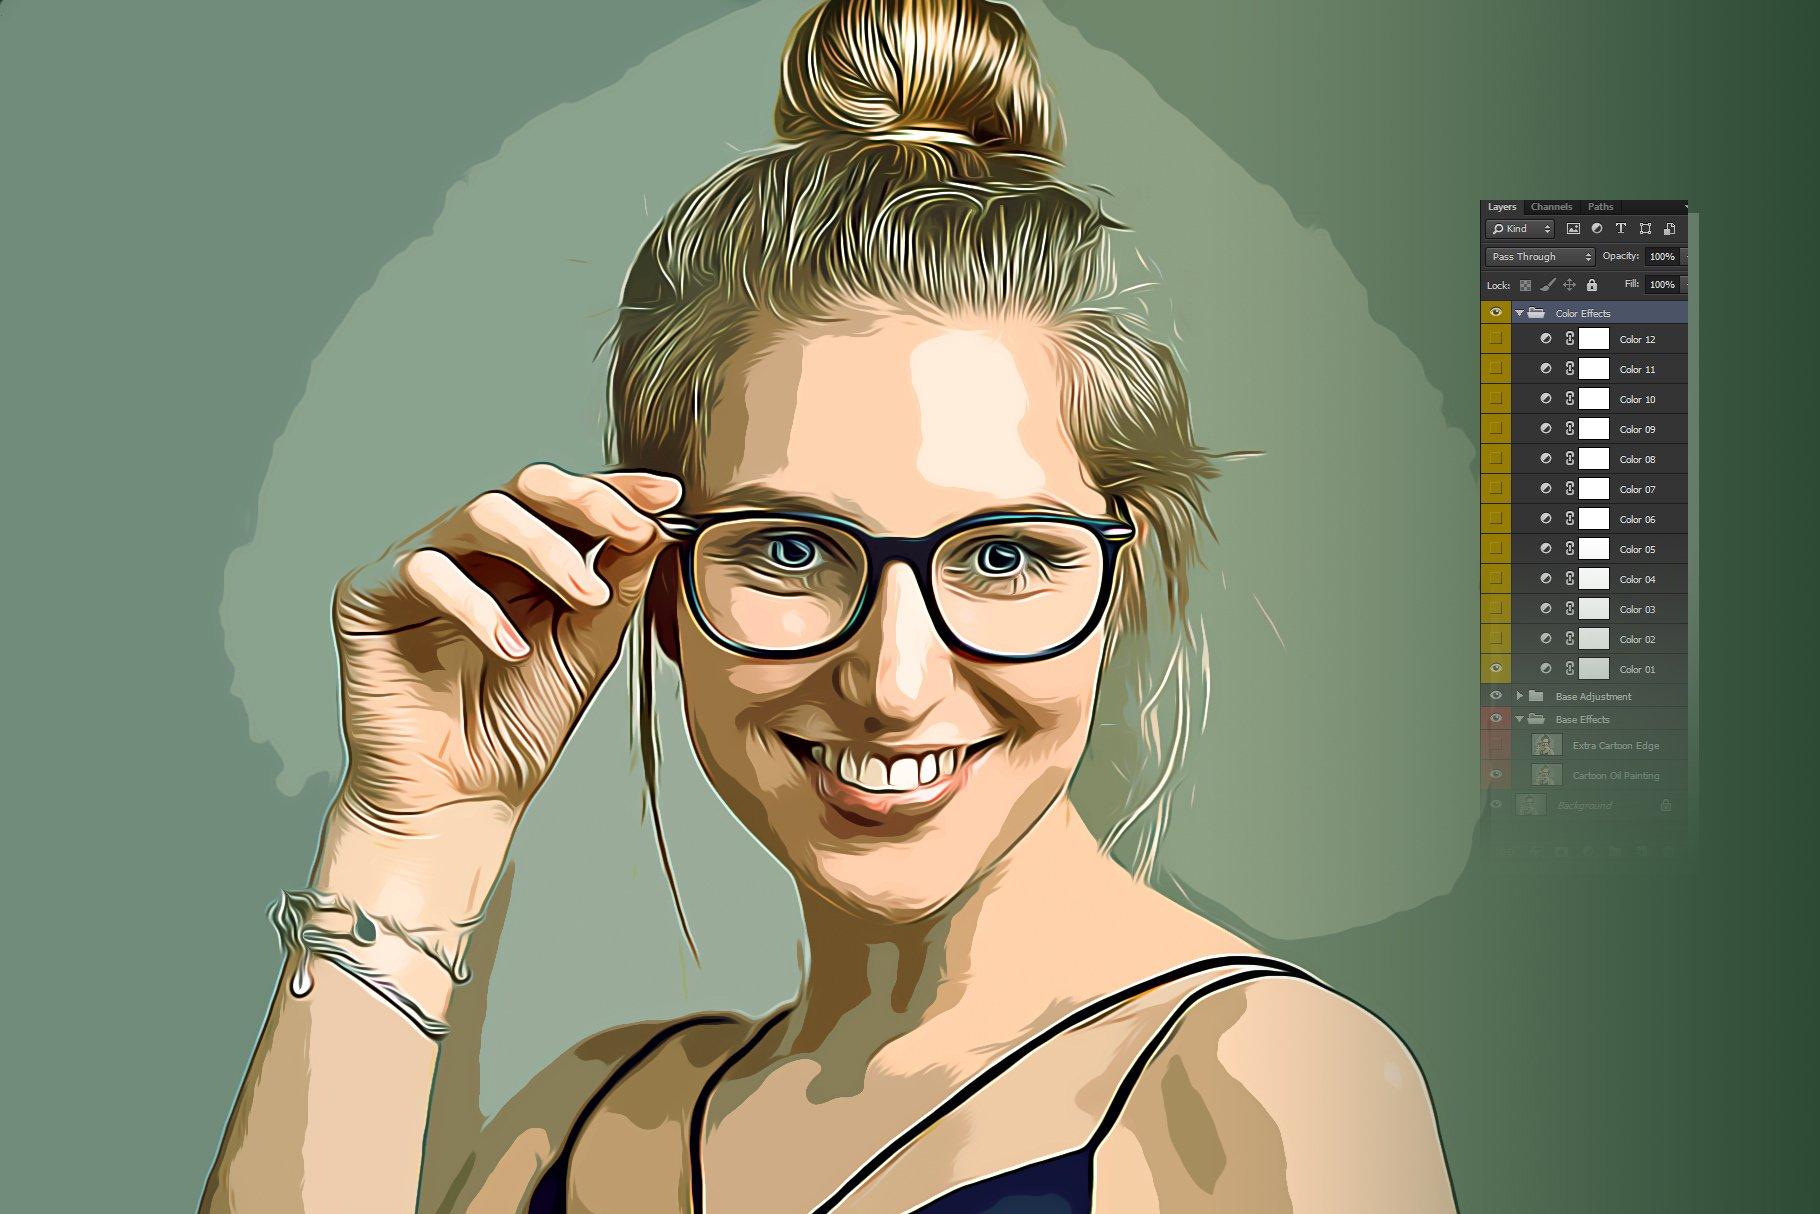 逼真油画艺术绘画效果照片处理特效PS动作模板 Cartoon Oil Painting Photoshop FX插图5